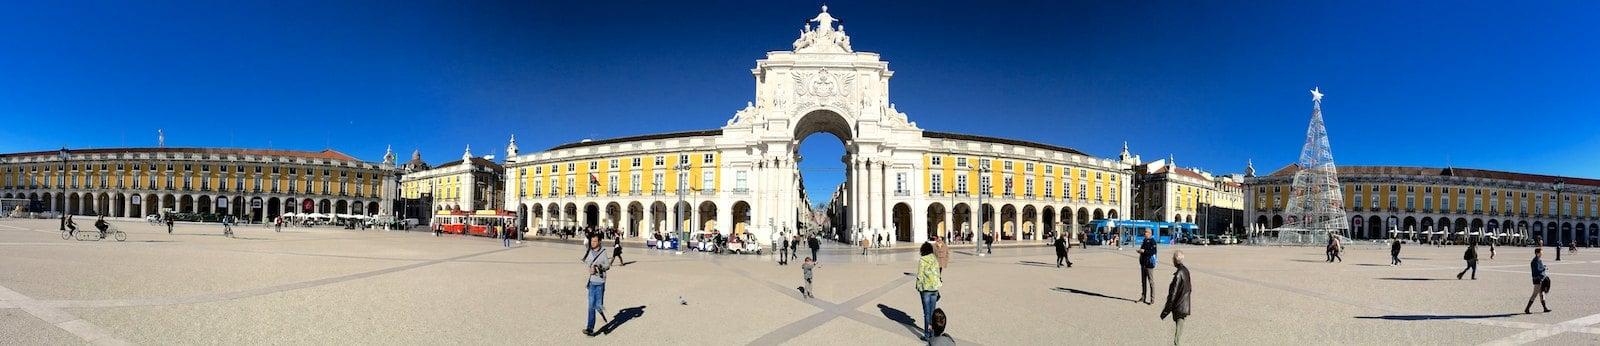 Panorámica desde la plaza do Comercio en Lisboa. Click para ampliar